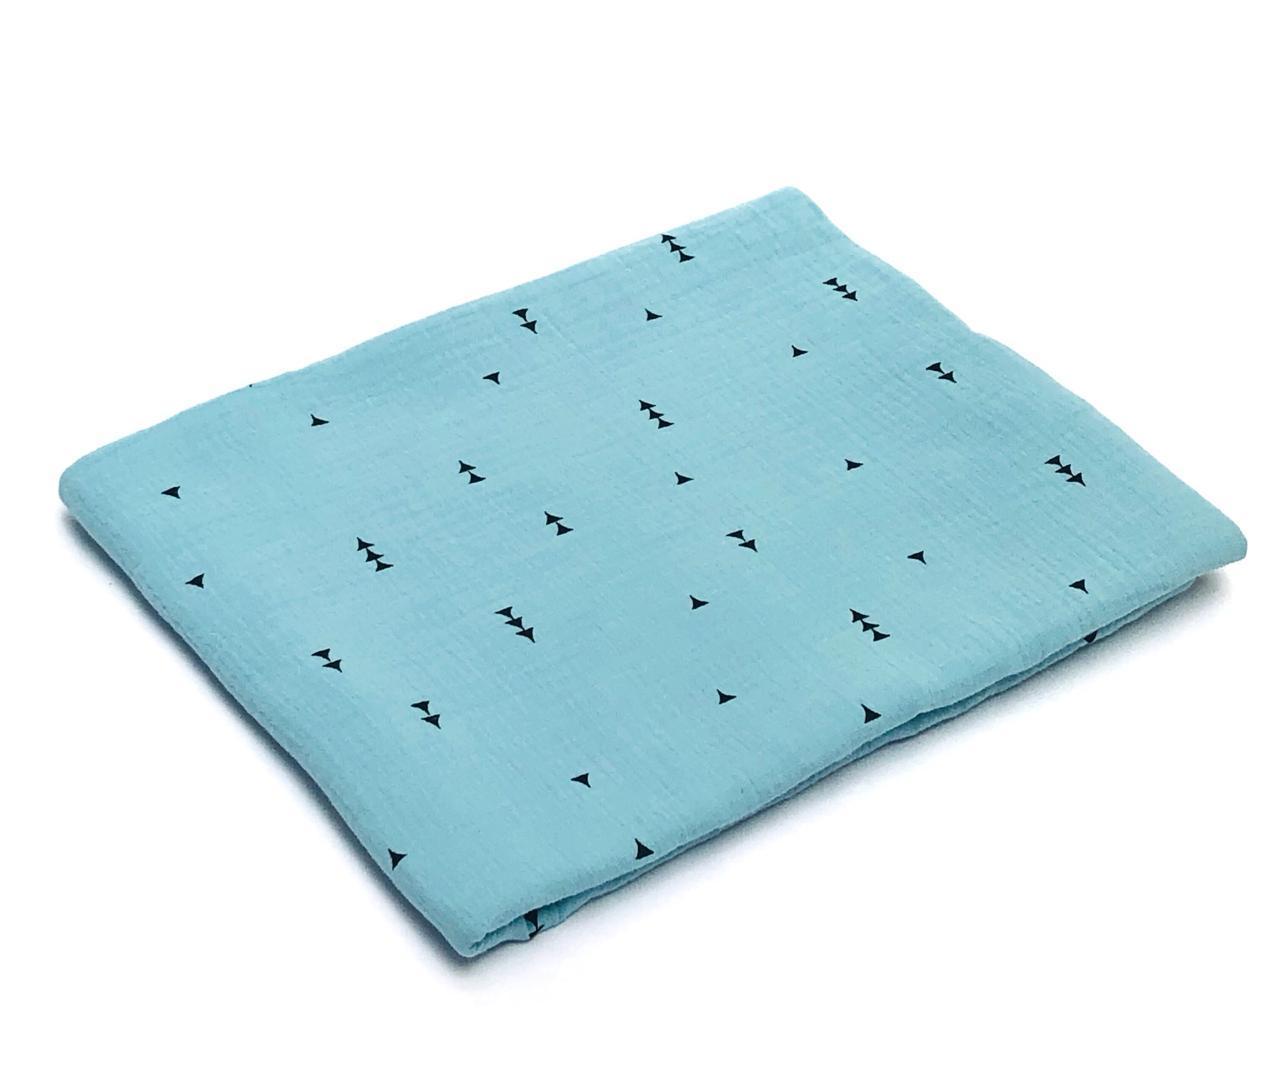 Пеленка муслиновая 100х120 Елочки на голубом